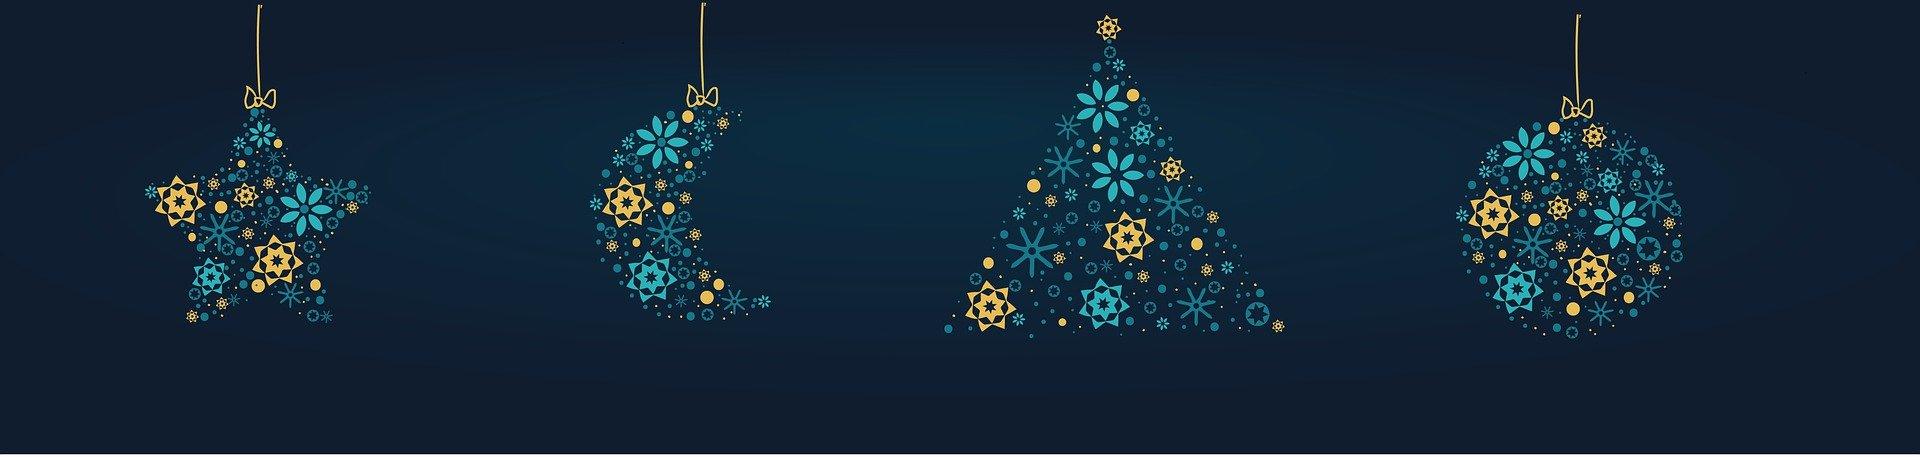 vorweihnachtliche Fensterverkauf